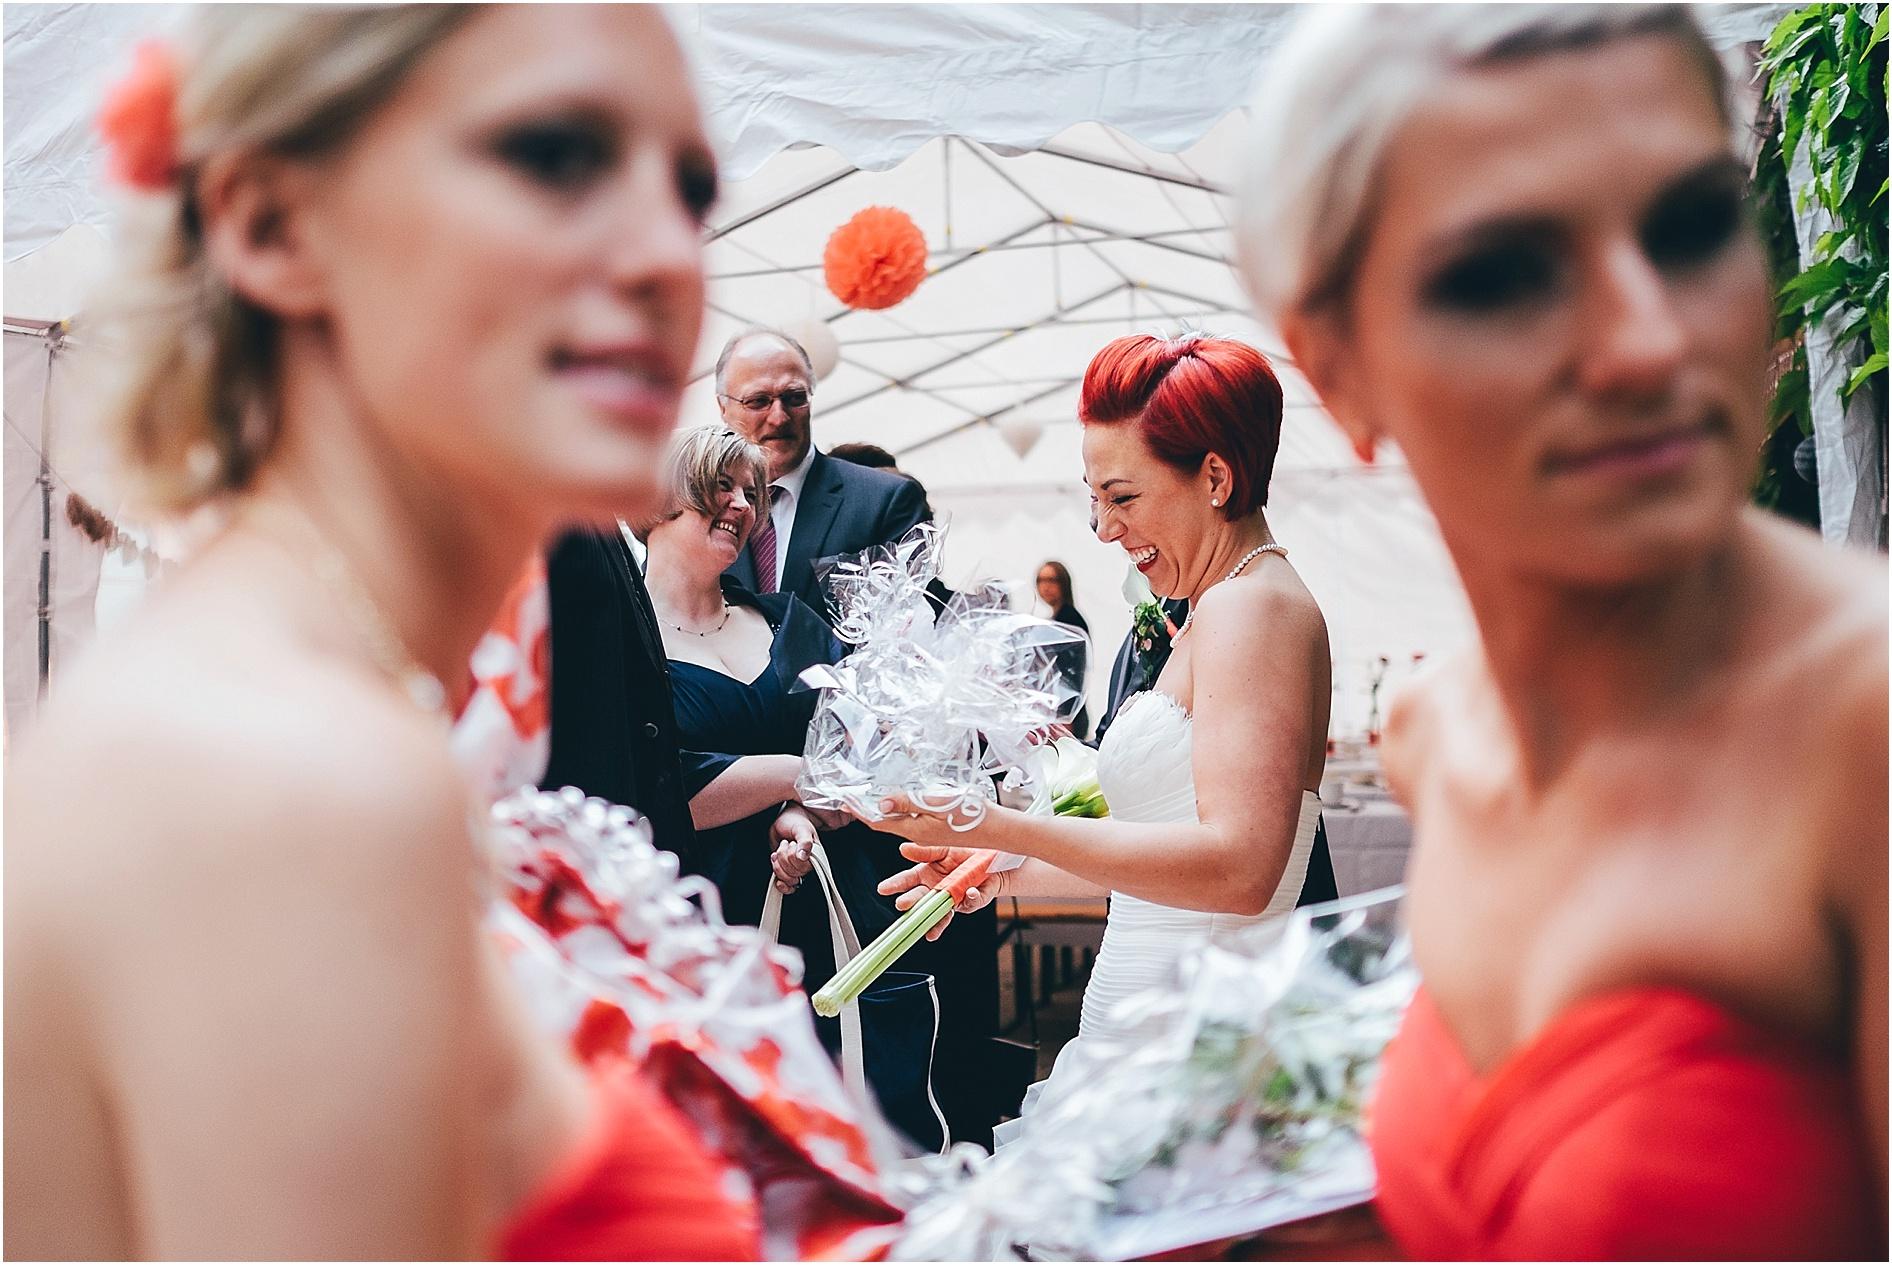 2015-10-27_0057 Tine & Chrischan - Hochzeitsfilm & Fotos in Lüneburg